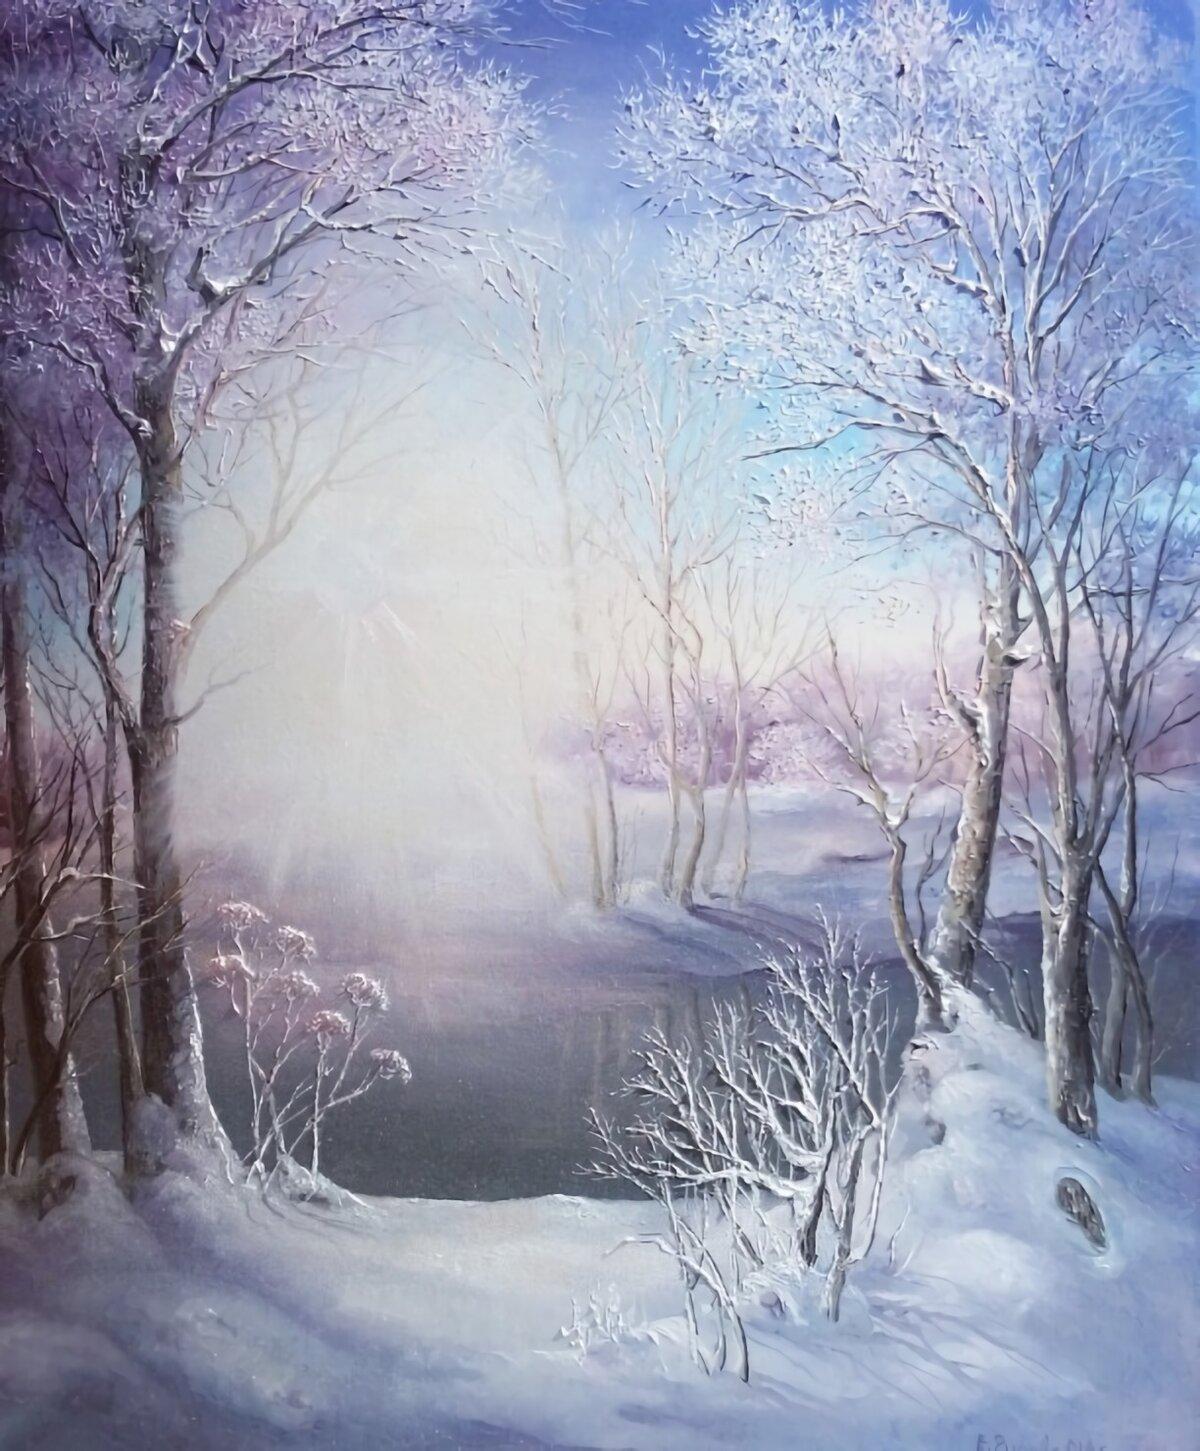 пуховики весна и зима на одной картинке рисунок вас